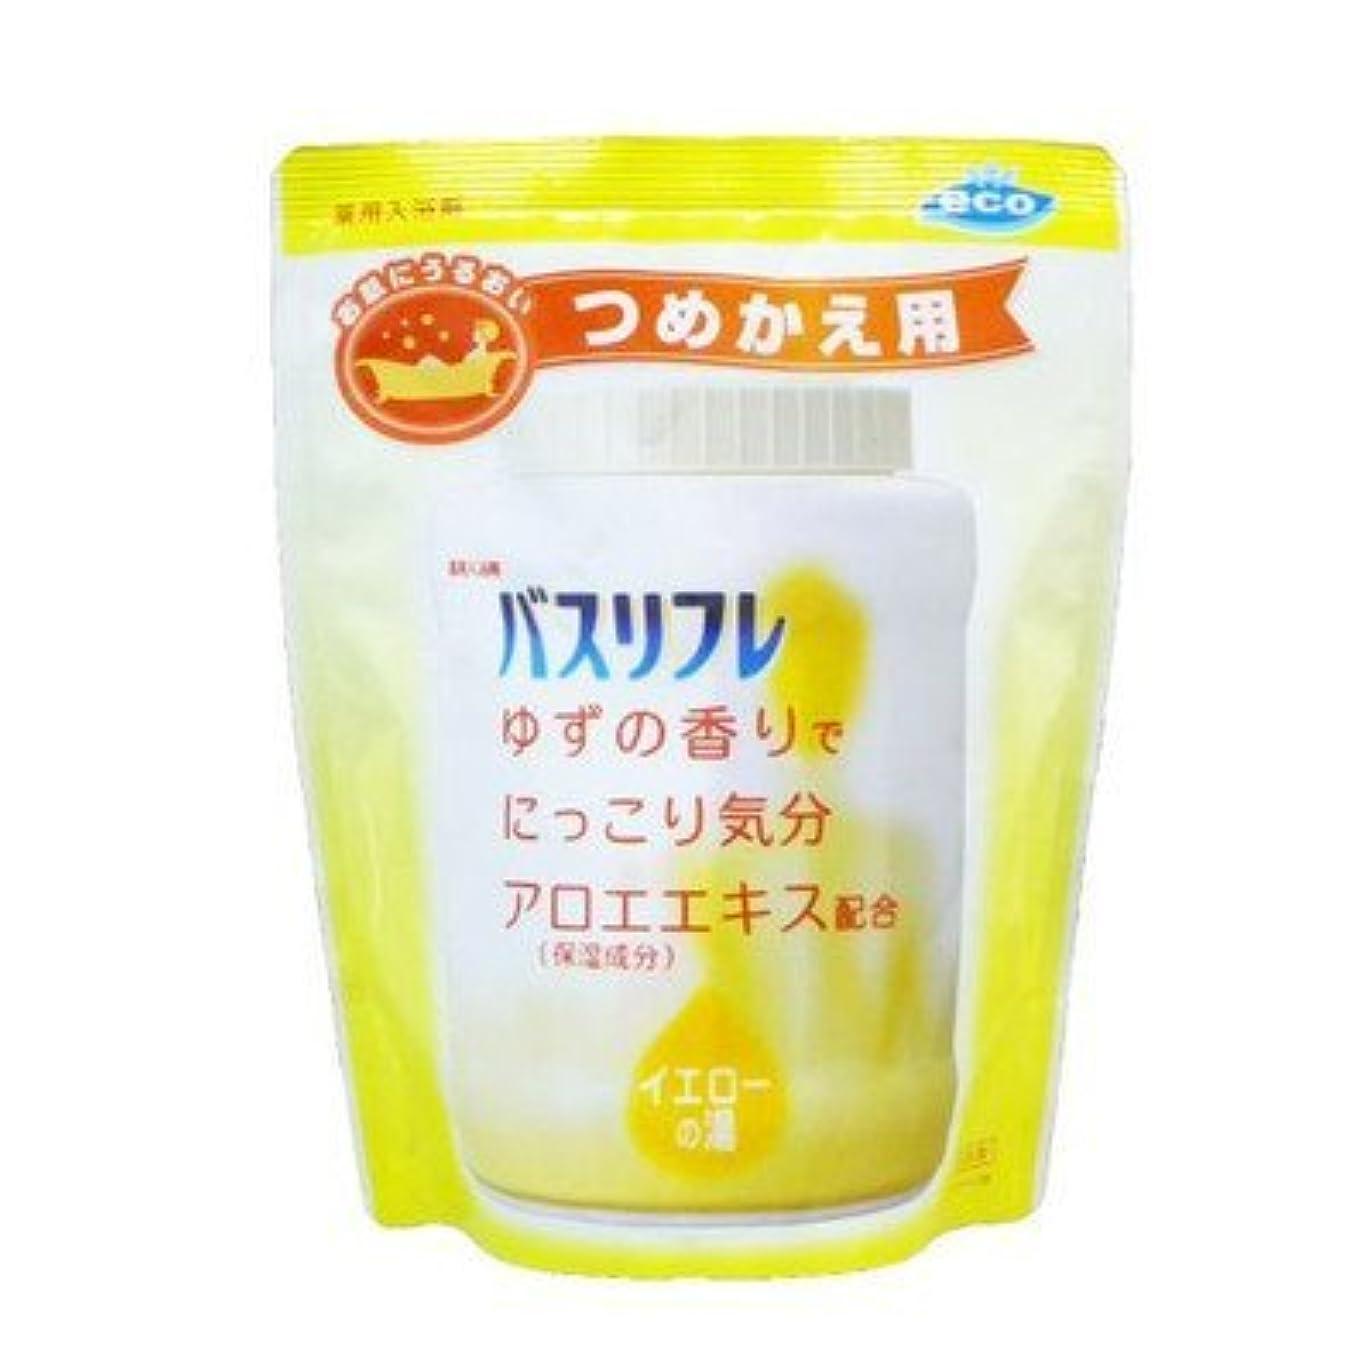 秘書構成キモい薬用入浴剤 バスリフレ イエローの湯 つめかえ用 540g ゆずの香り (ライオンケミカル) Japan